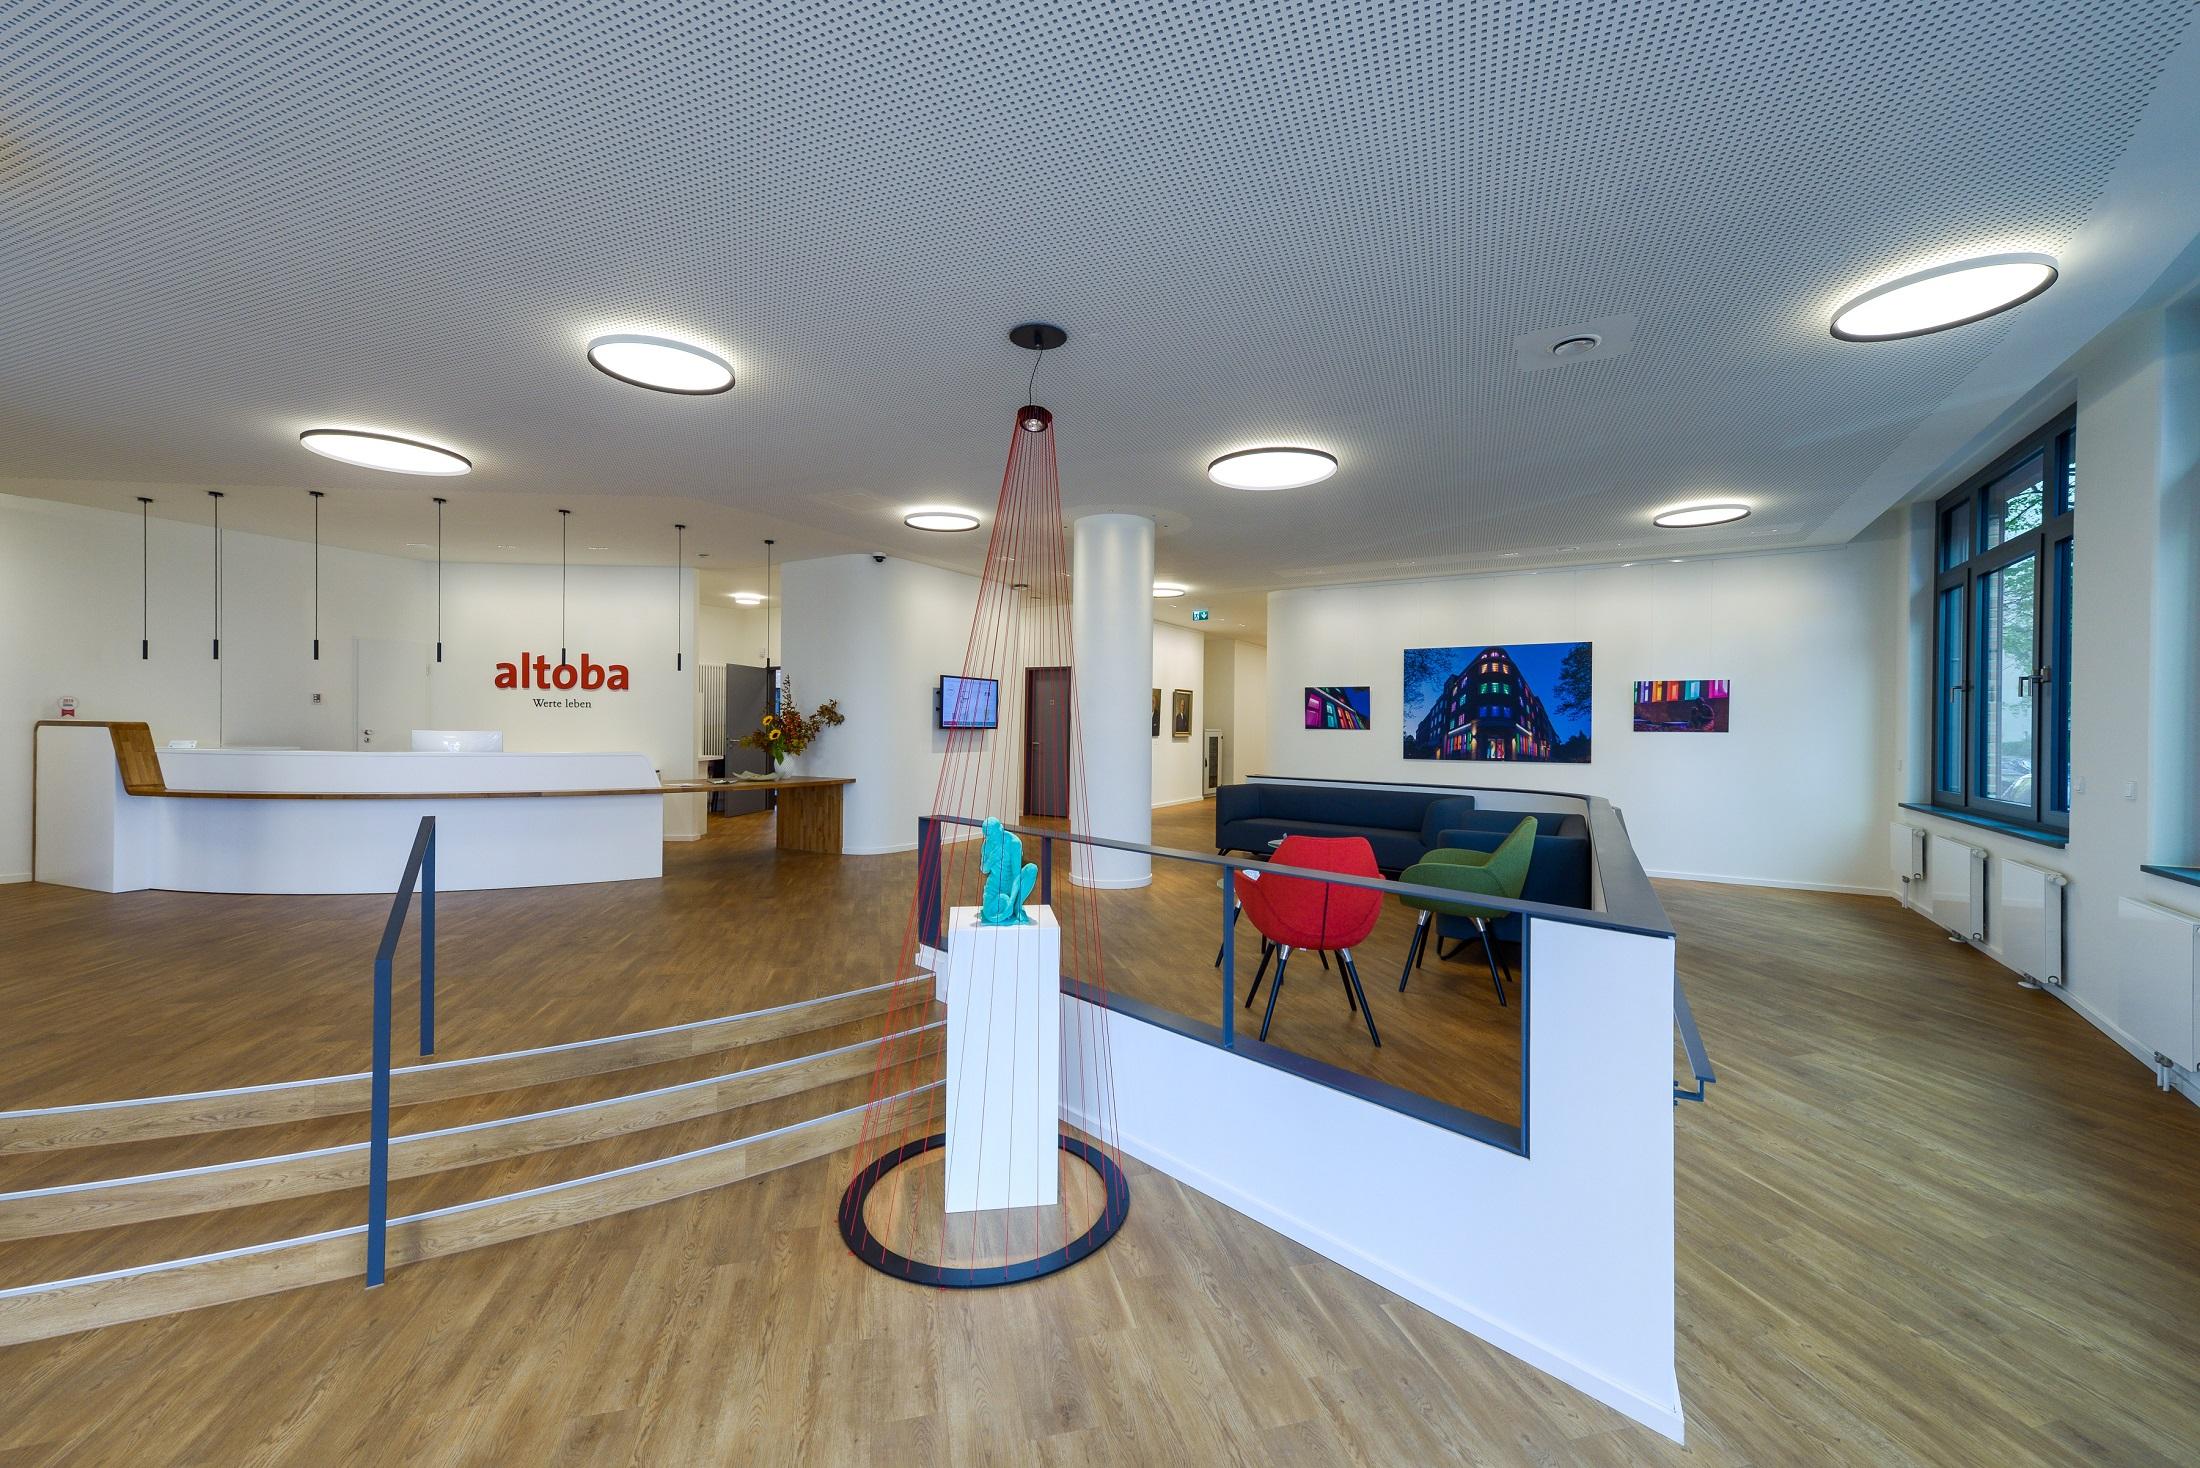 Blick in den Empfangsbereich der altoba-Geschäftsstelle an der Barnerstraße 14a.